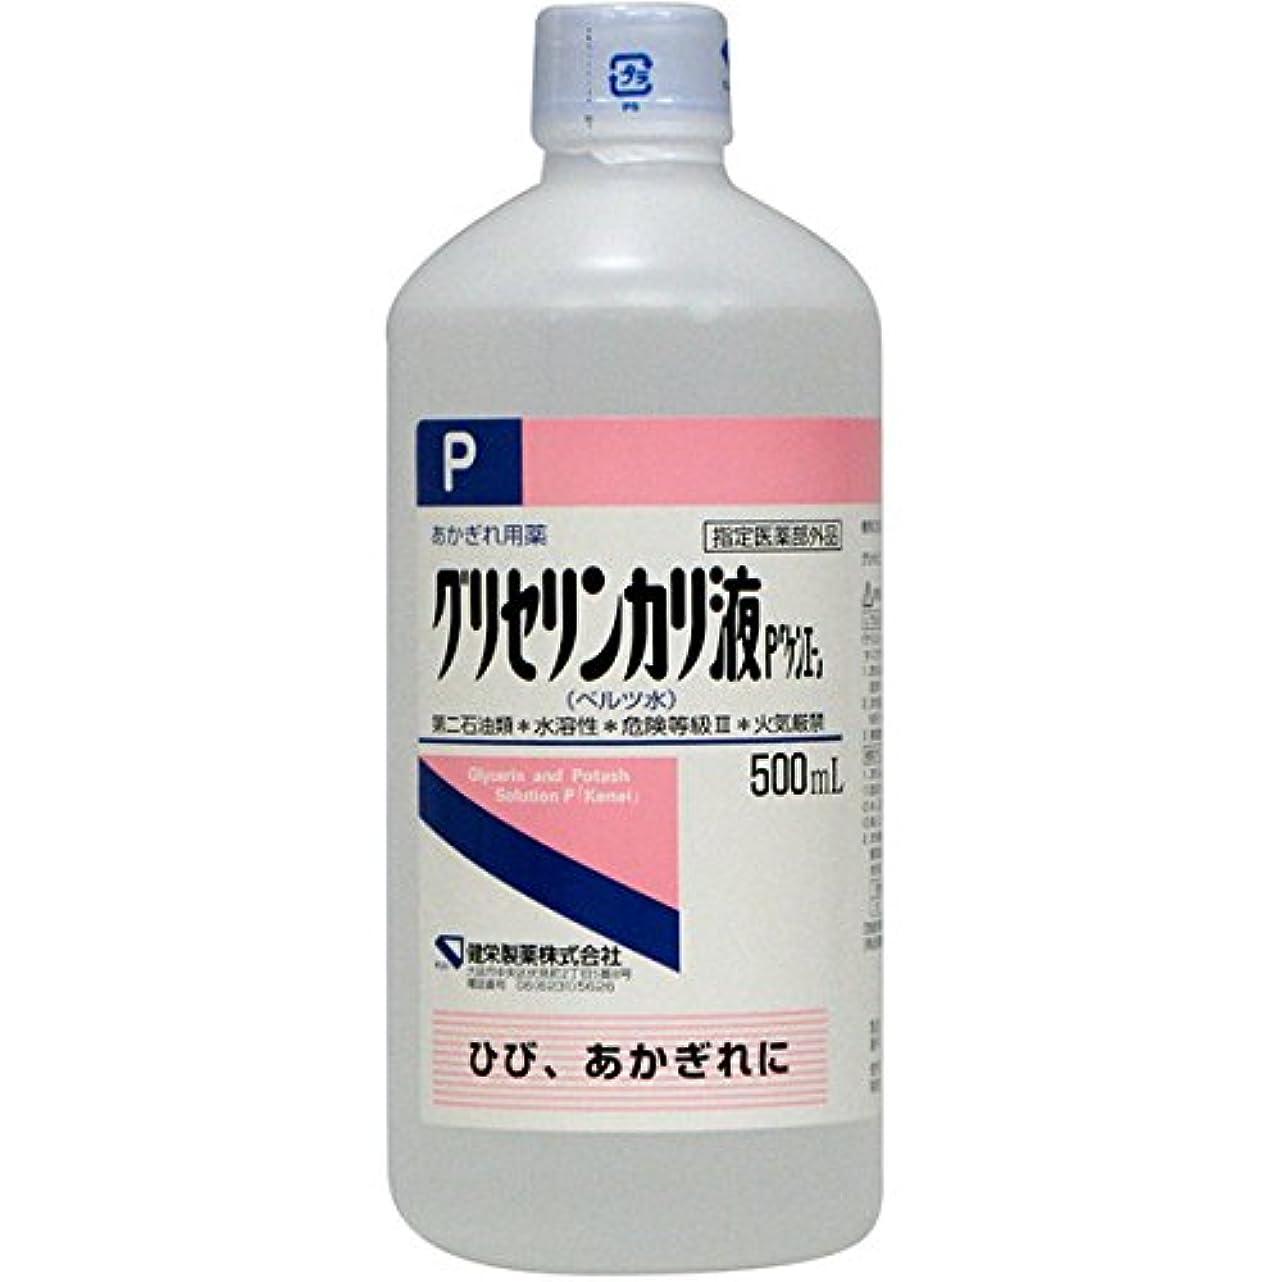 色合いリットルインポート健栄製薬 グリセリンカリ液 ベルツ水 500ml